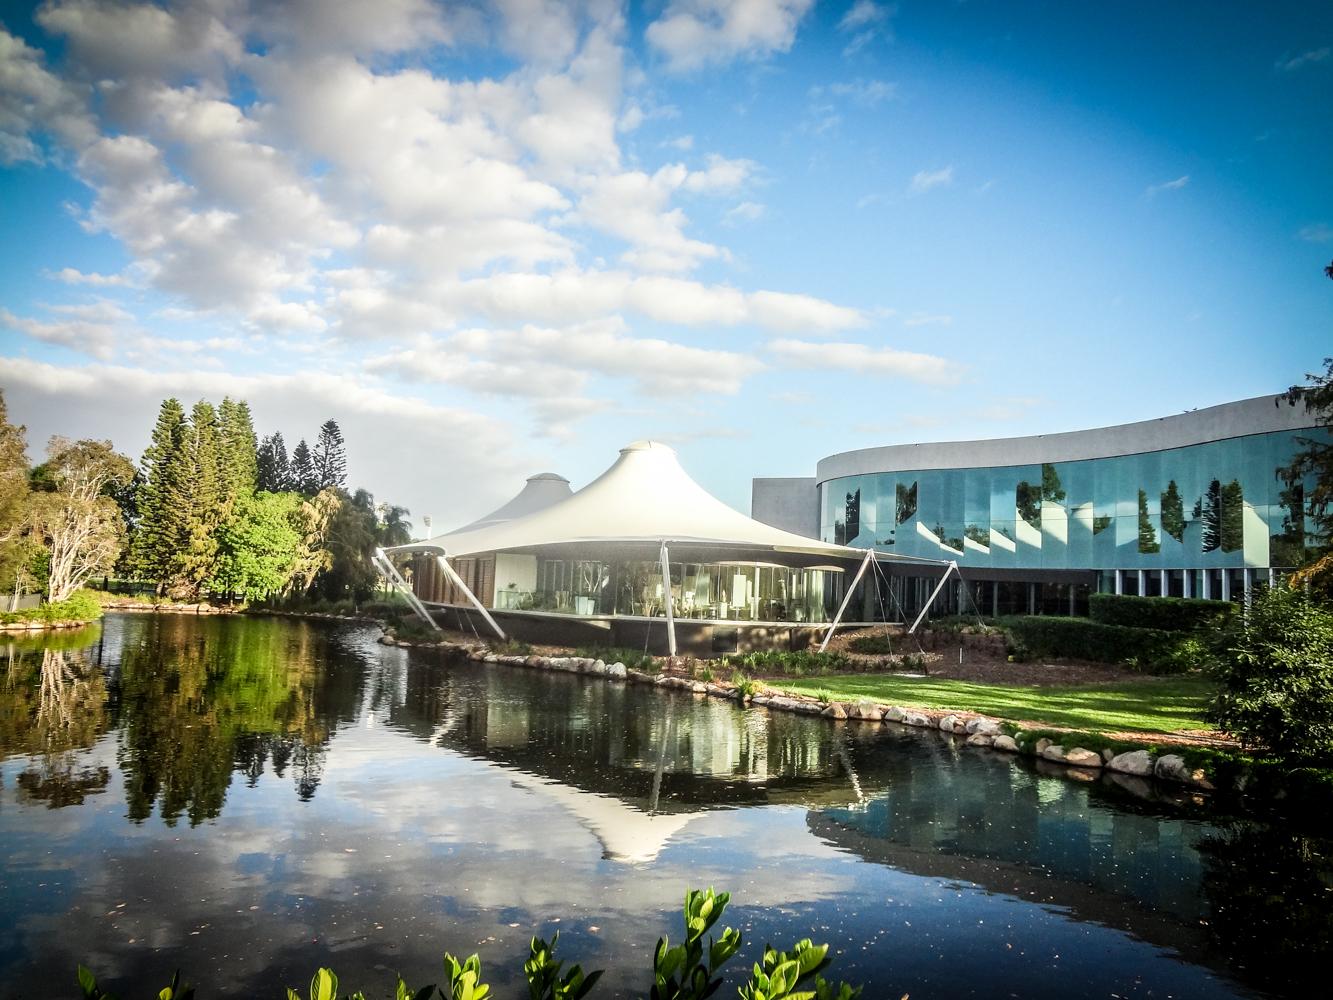 Royal Pines Resort Day Spa